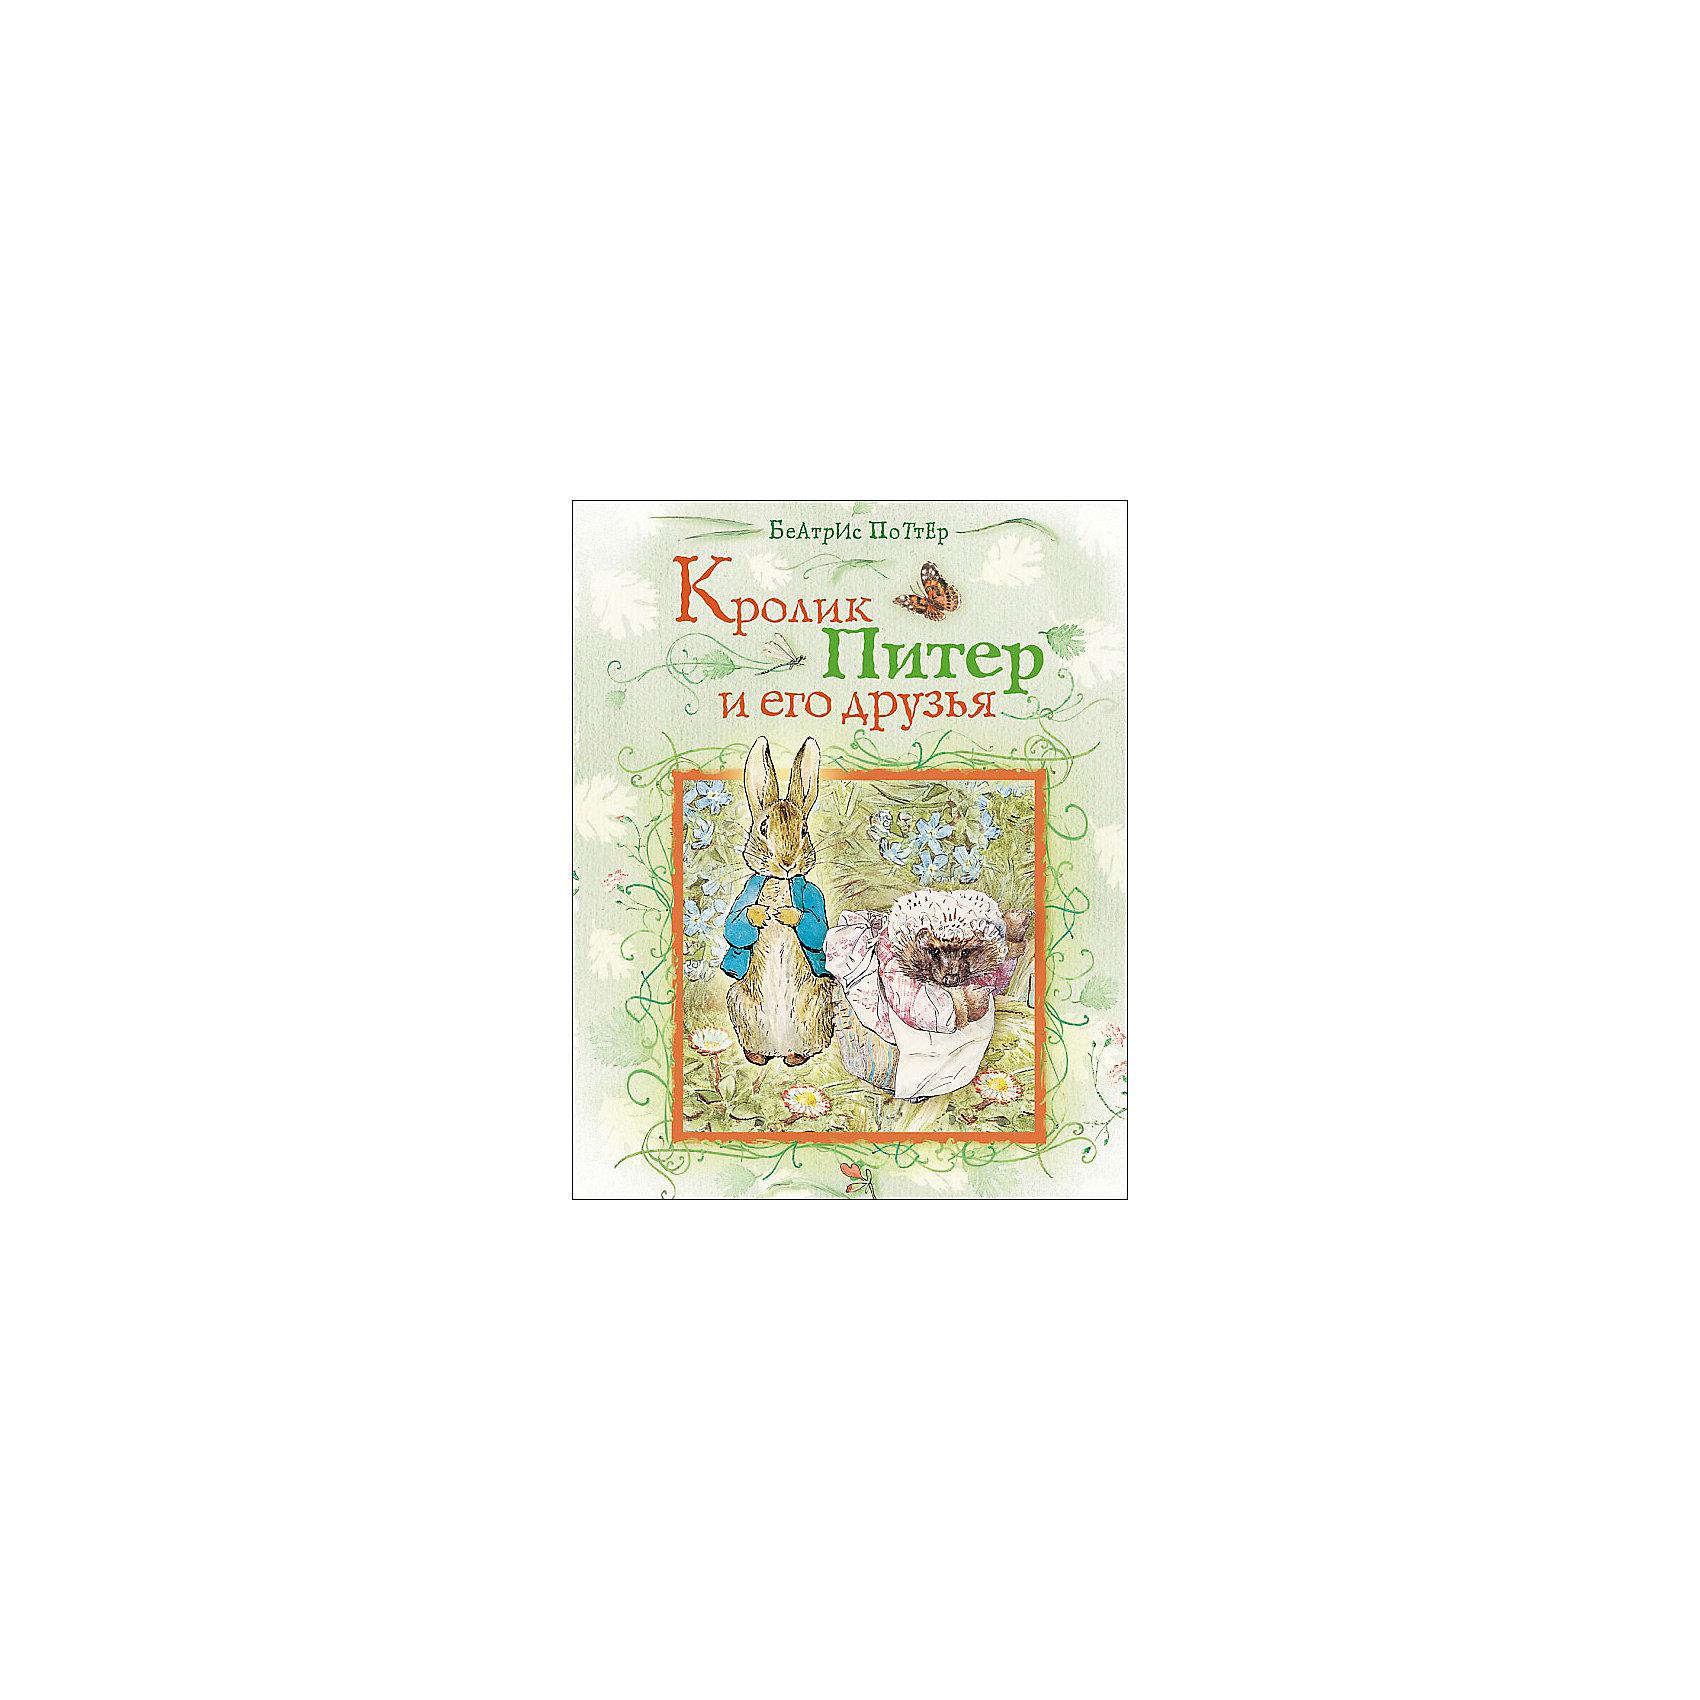 Кролик Питер и его друзья, Б. ПоттерВ книгу знаменитой английской писательницы Беатрис Поттер «Кролик Питер и его друзья» вошли сказки  «Питер Пуш» и «Сказка про миссис Мыштон» с оригинальными иллюстрациями автора. &#13;<br>Беатрис Поттер с детства любила животных, у неё в детской жили лягушки, мыши, ежик, тритон Исаак Ньютон, летучая мышь и два домашних кролика. &#13;<br>Один из них, Питер Пуш, и стал главным героем самой популярной сказки Беатрис Поттер – «Питер Пуш».  Писательница водила Питера Пуша на поводке и брала с собой повсюду. На иллюстрациях она облачила своего любимца в голубую курточку, теперь известную во всем мире.<br><br>Ширина мм: 275<br>Глубина мм: 212<br>Высота мм: 3<br>Вес г: 134<br>Возраст от месяцев: 0<br>Возраст до месяцев: 36<br>Пол: Унисекс<br>Возраст: Детский<br>SKU: 4782428